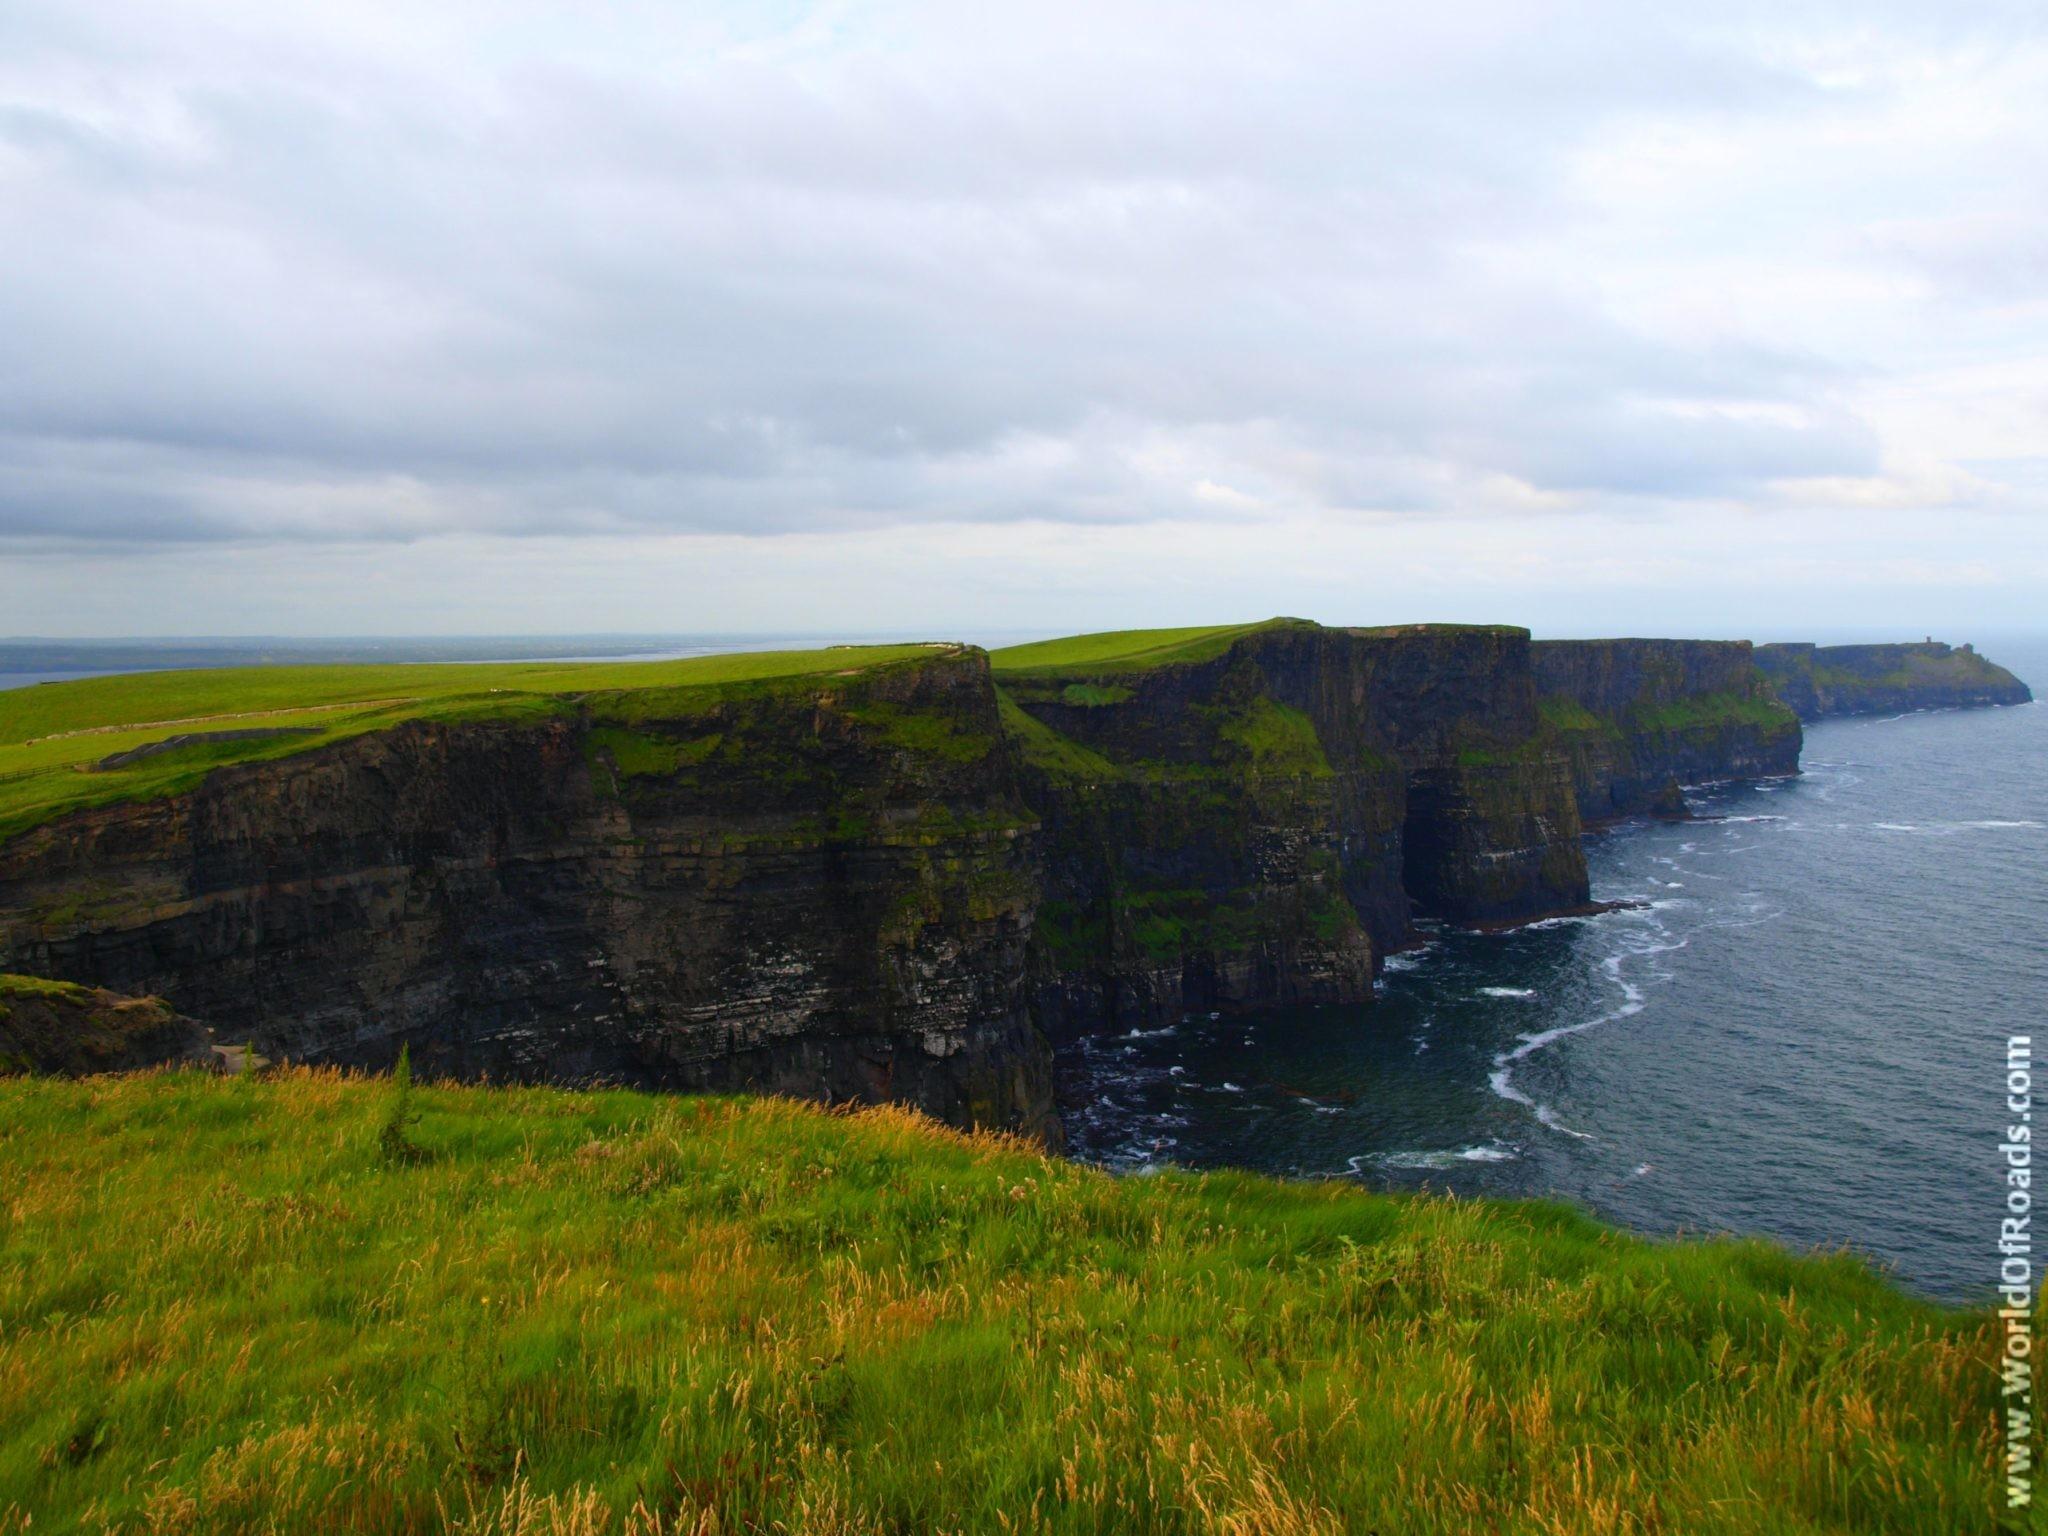 Утесы Мохер. Ирландия.